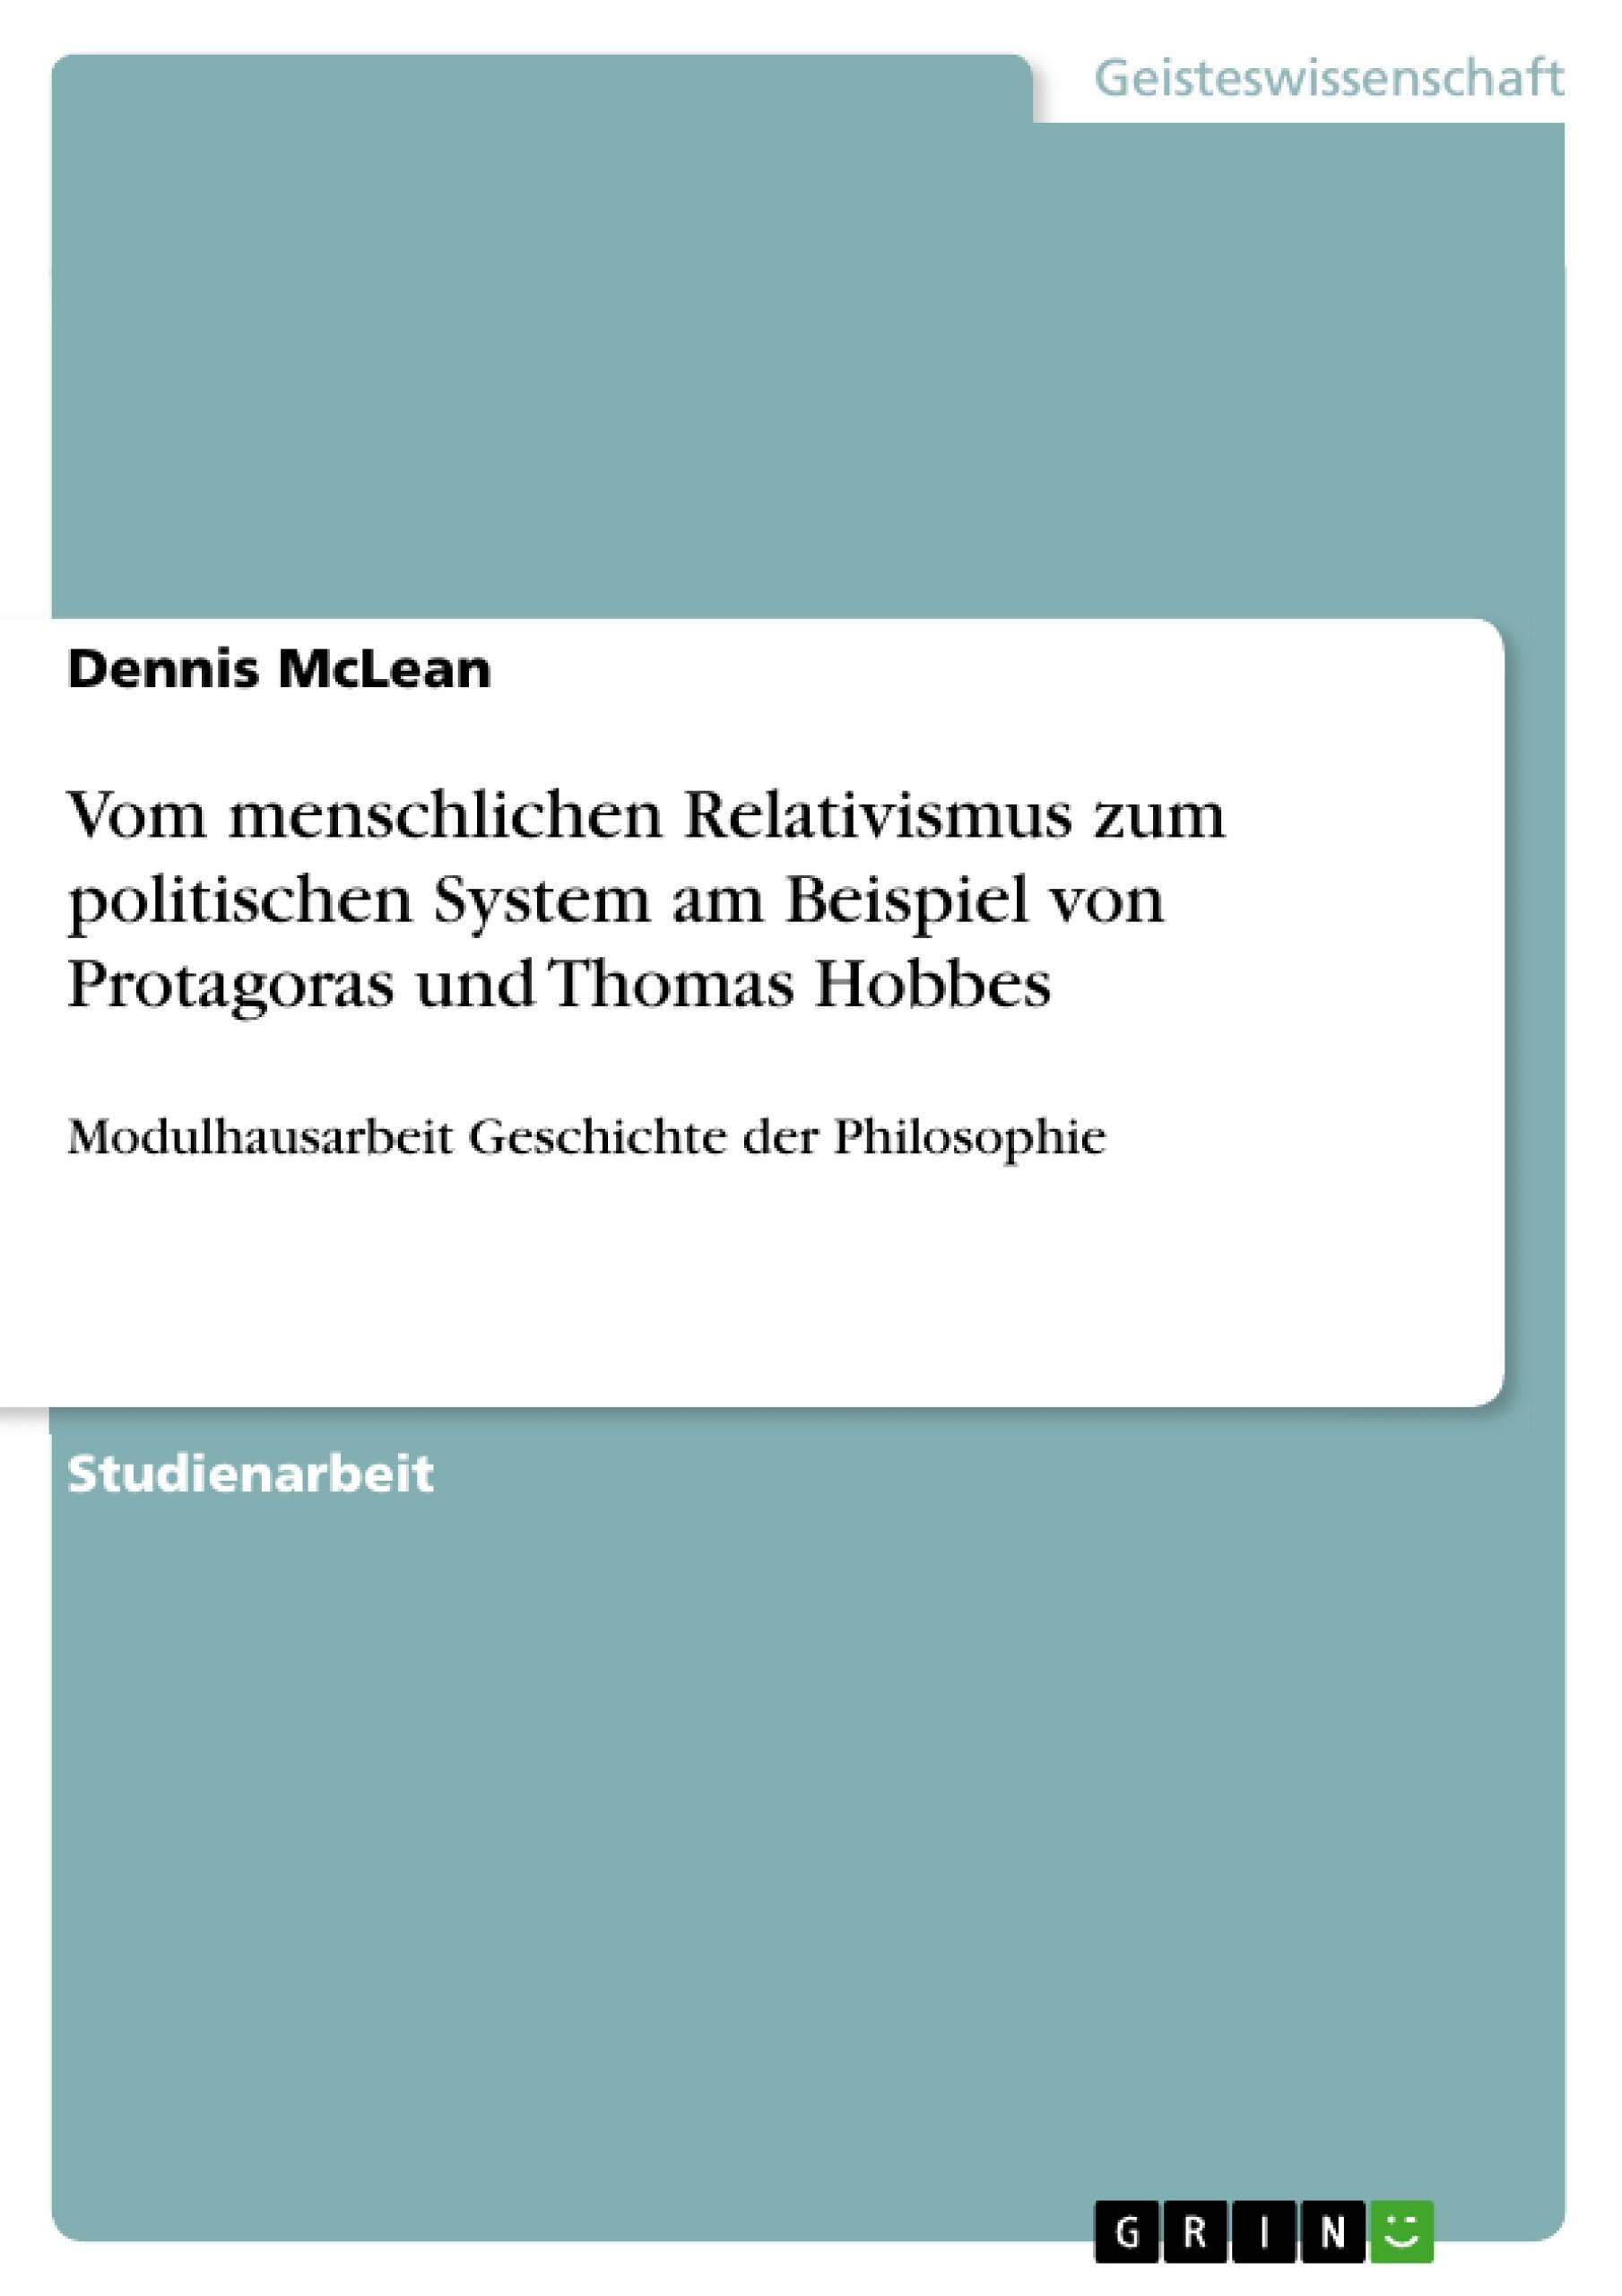 Titel: Vom menschlichen Relativismus zum politischen System am Beispiel von Protagoras und Thomas Hobbes